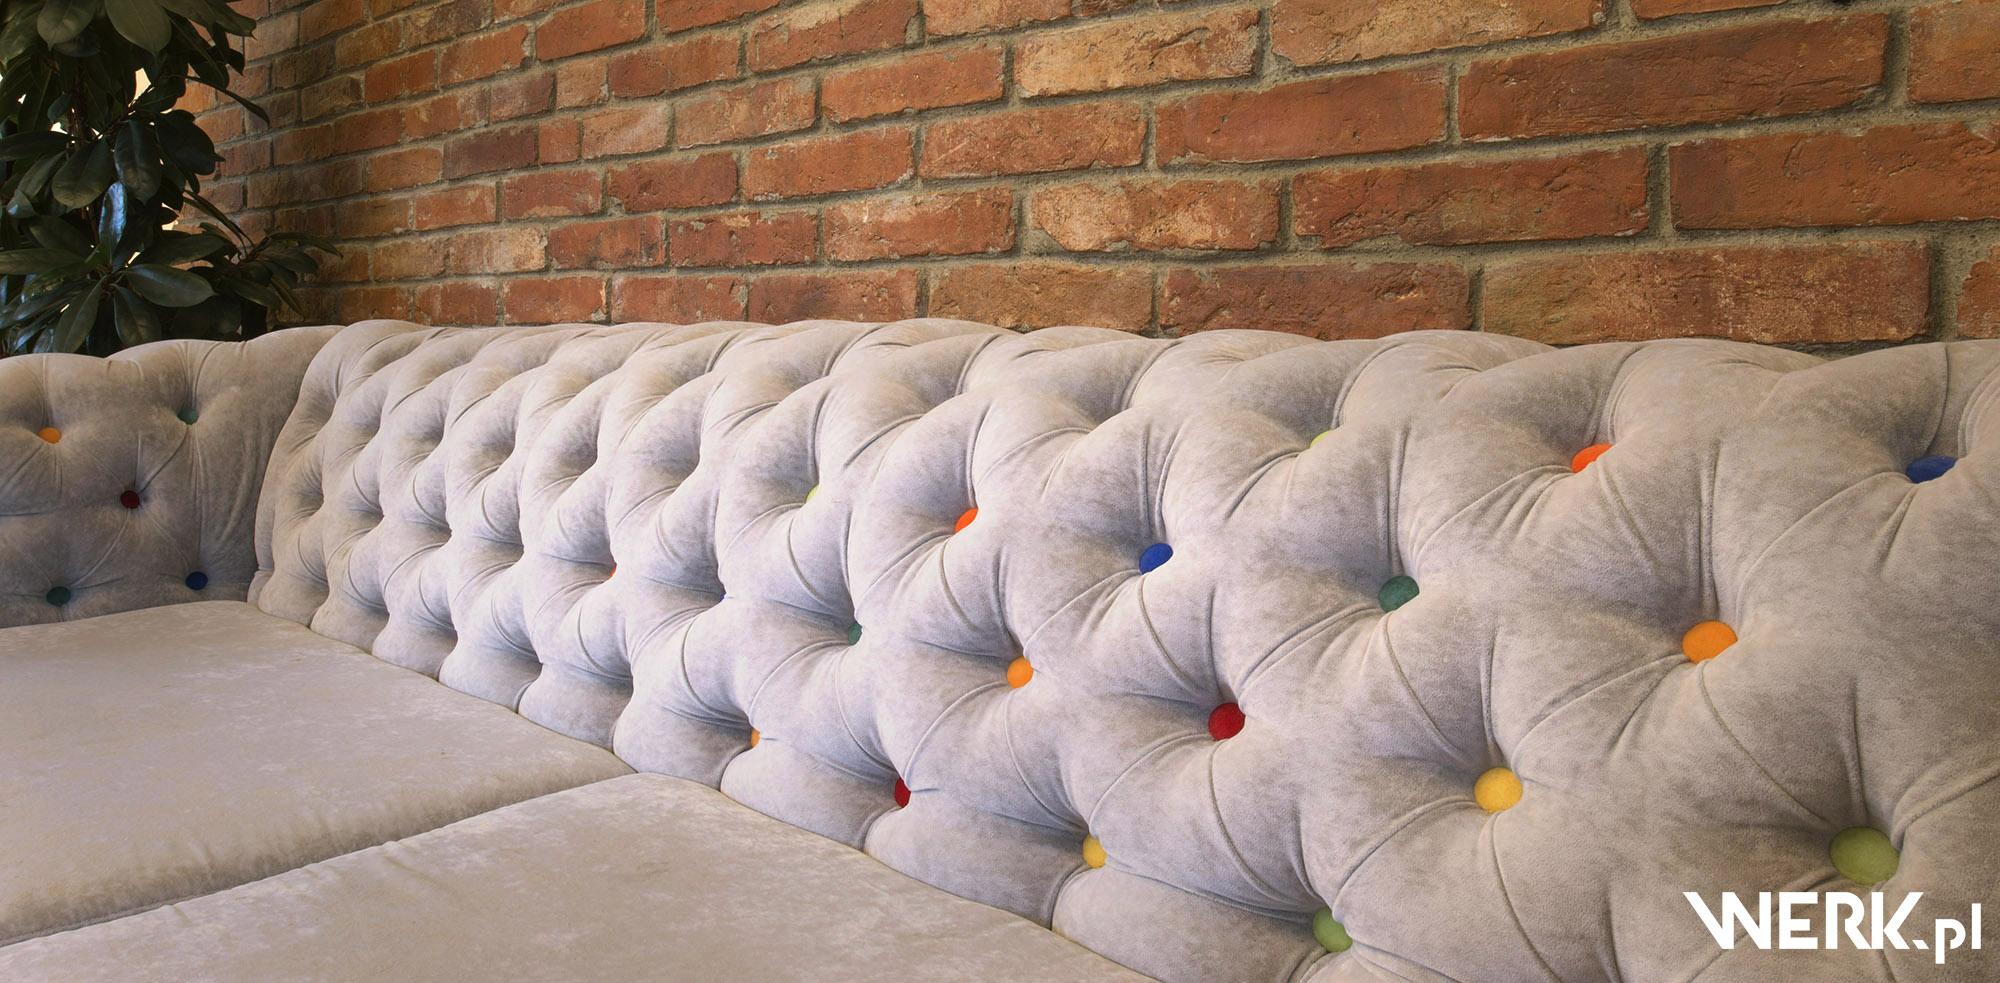 Kanapa ala klubowa na zamówienie - kolorowe guziki w szarym pluszu